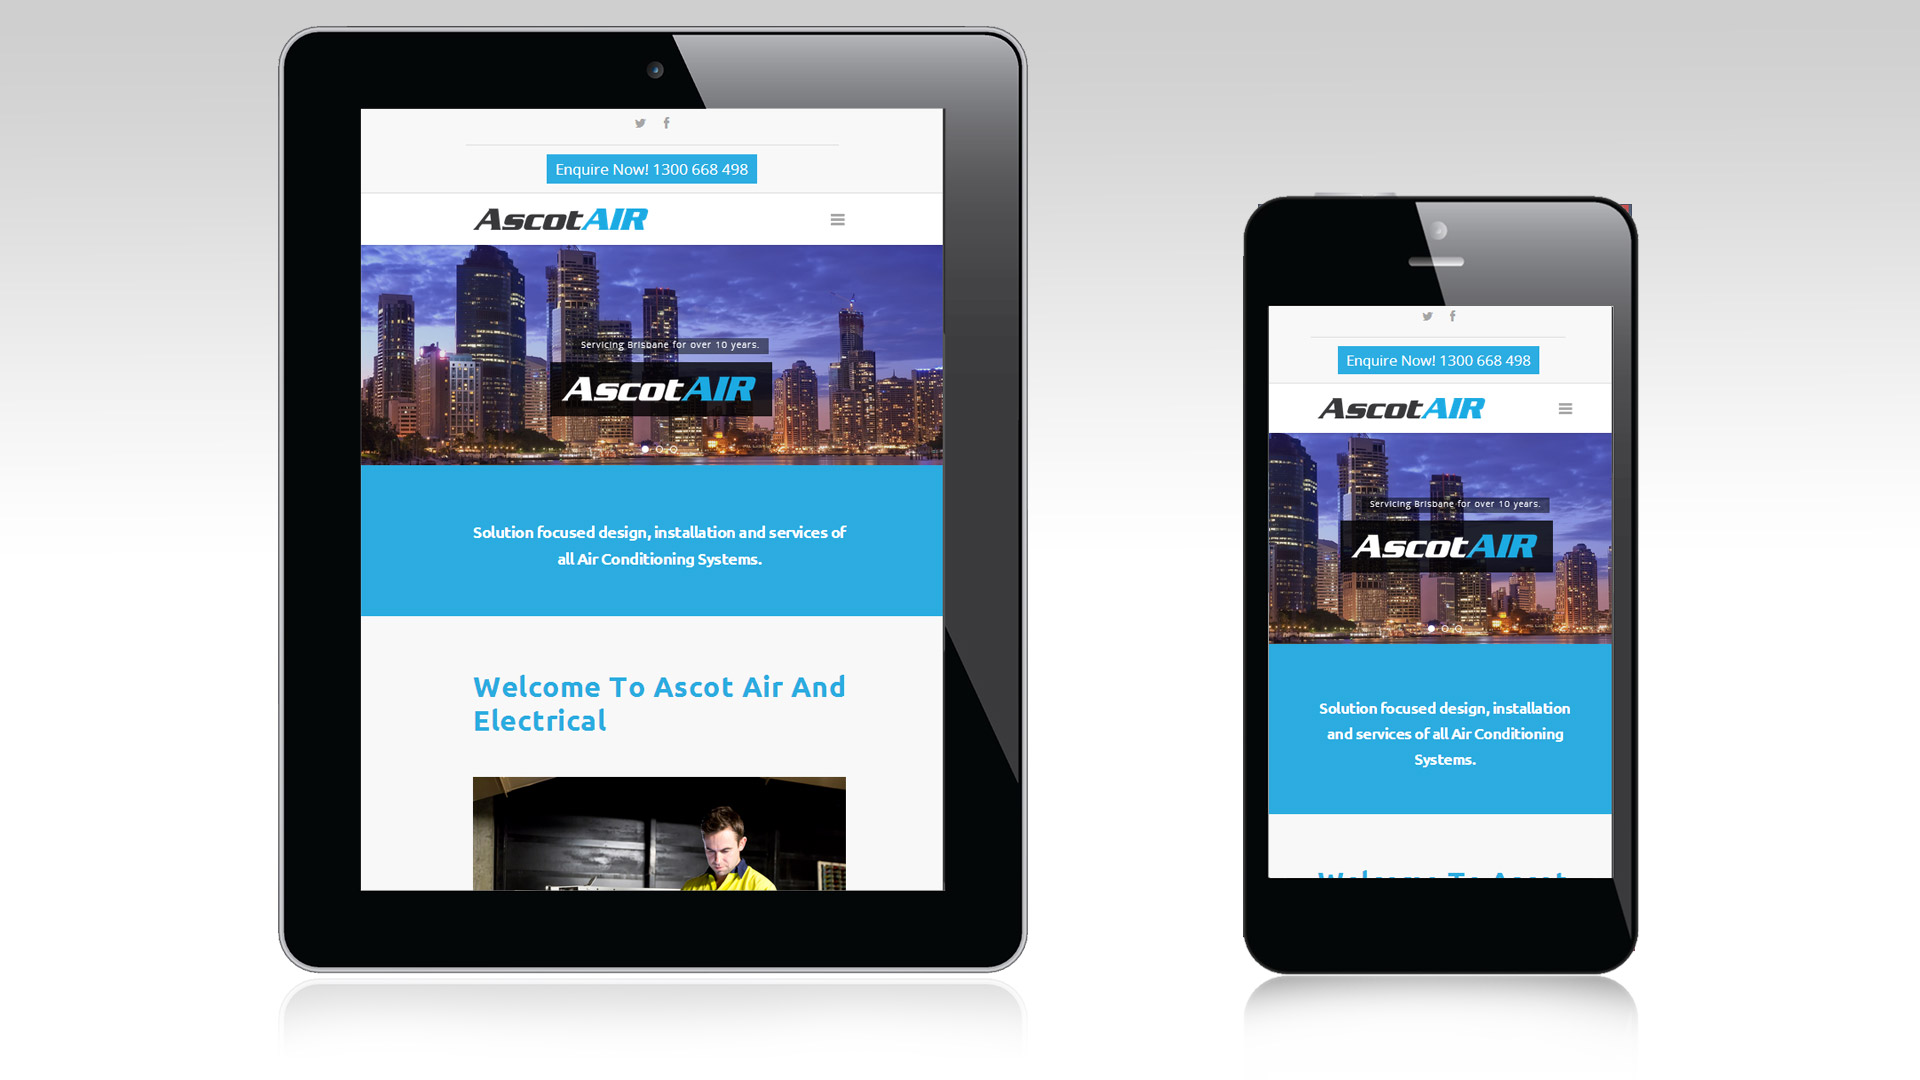 webdesign_ascotair04